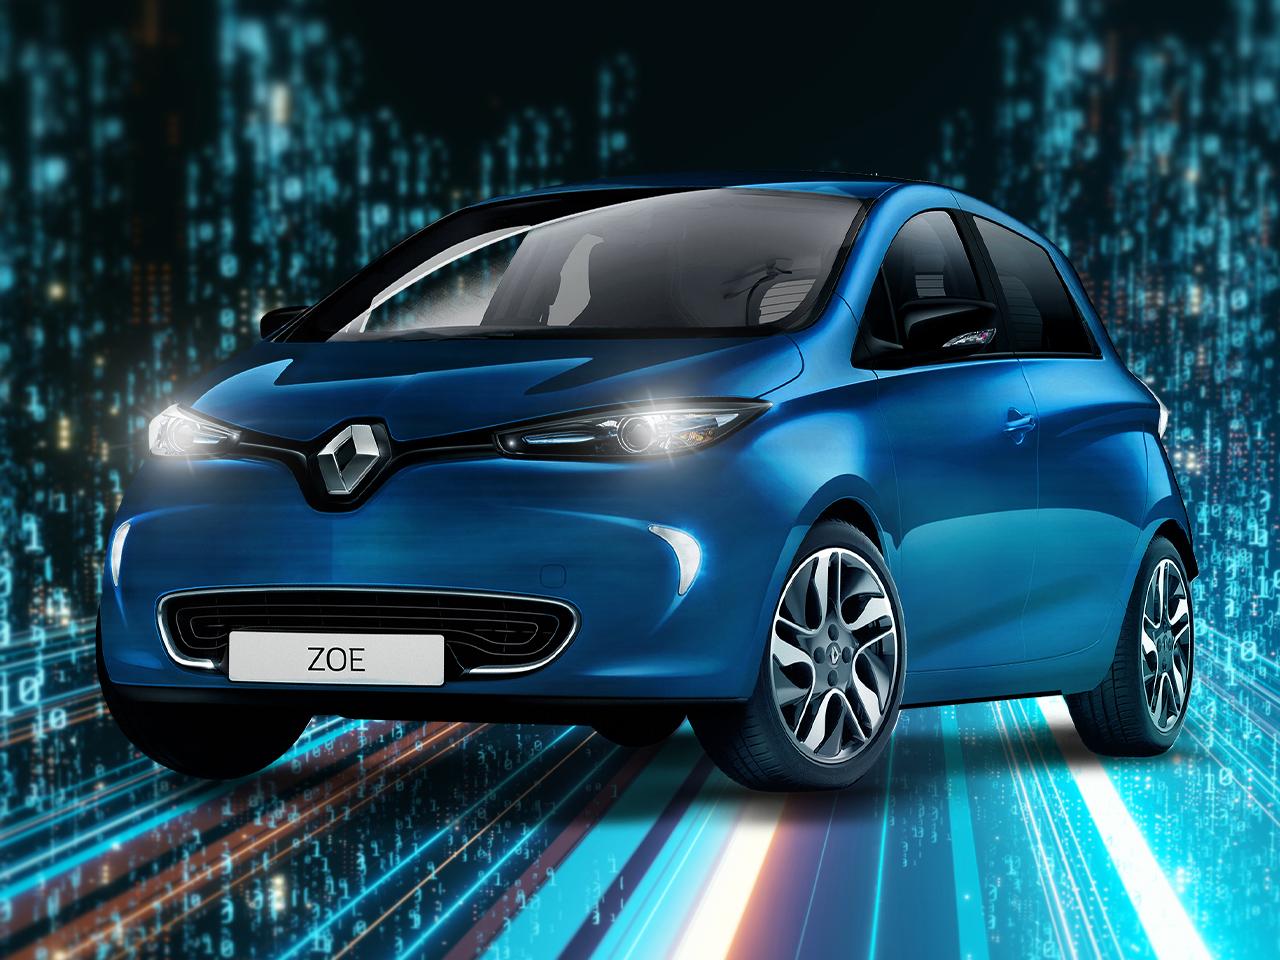 Renault ZOE 24 Monate 7 Tkm / Jahr Gratis Leasing für Gewerbe in Berlin durch Förderung